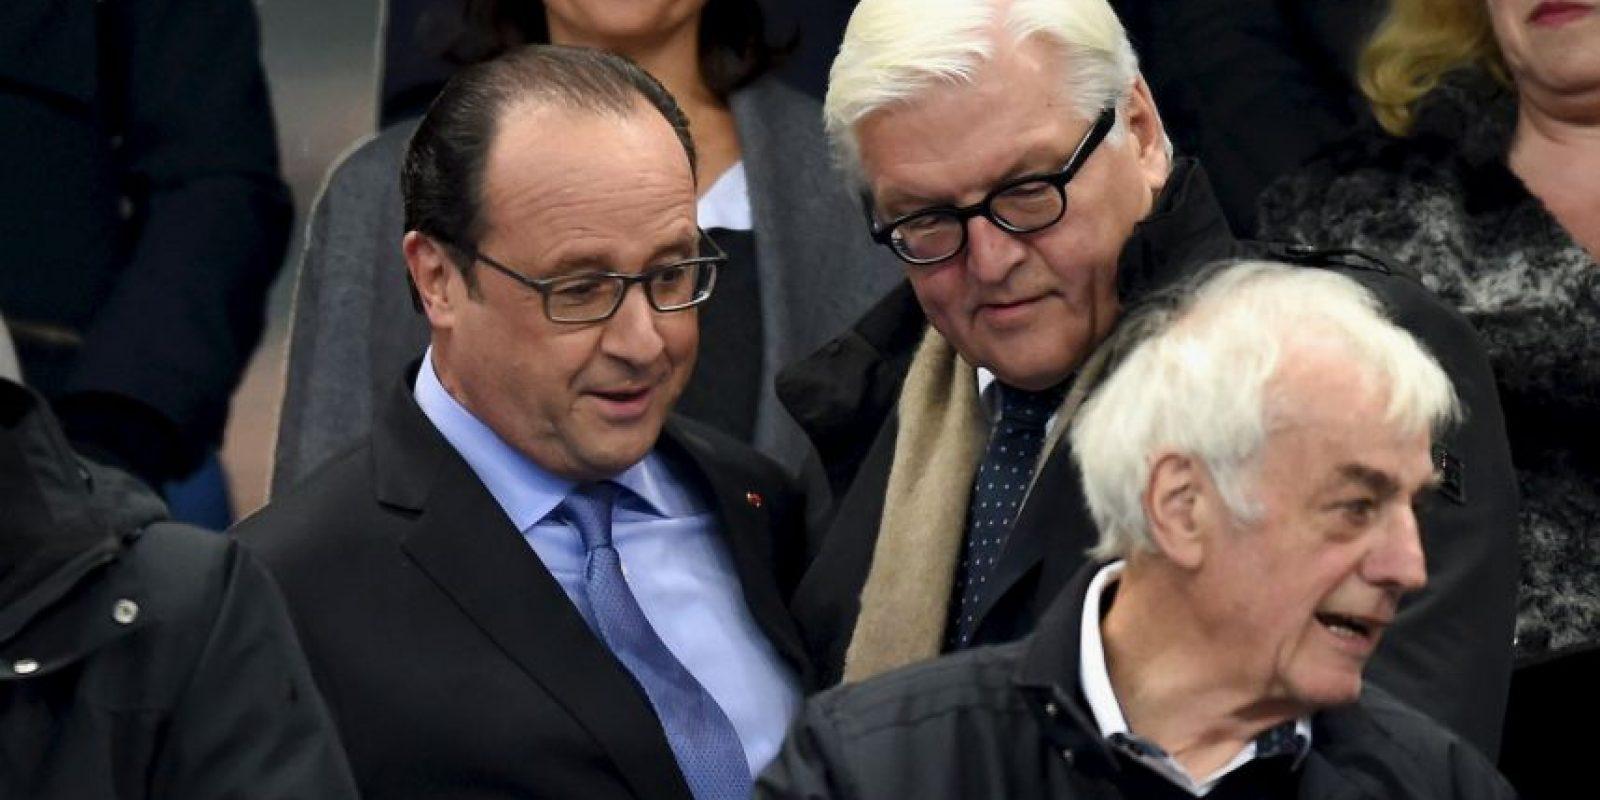 Tras las explosiones cercanas a Saint Dennis, el presidente de Francia, Francois Hollande, fue evacuado del lugar. Foto:Getty Images